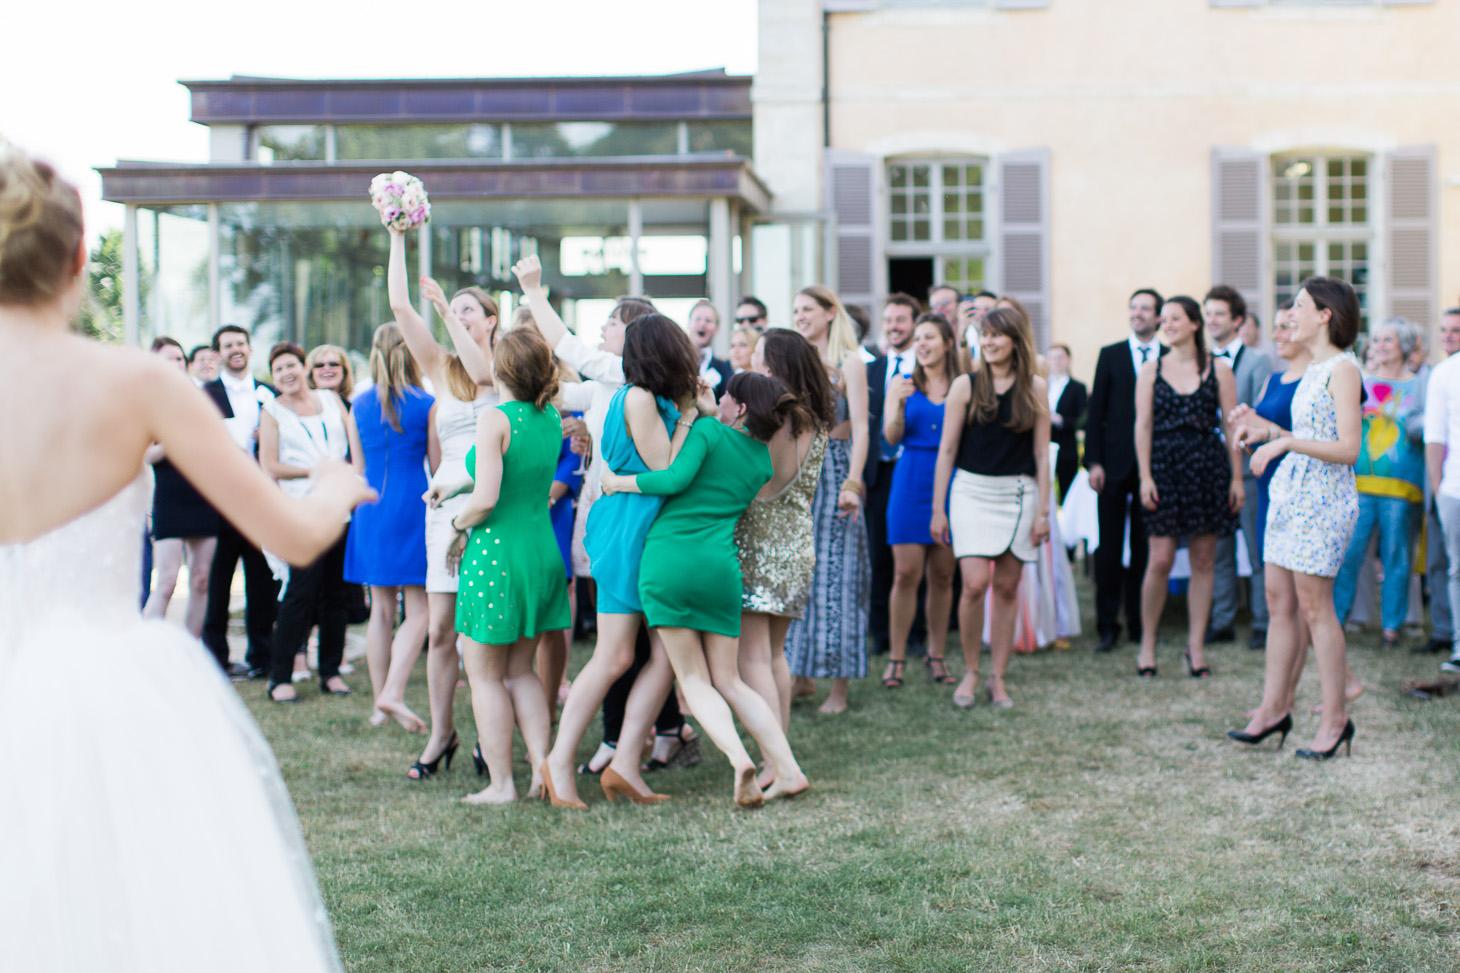 bourgogne_wedding_photographer_chateau_pommard-081